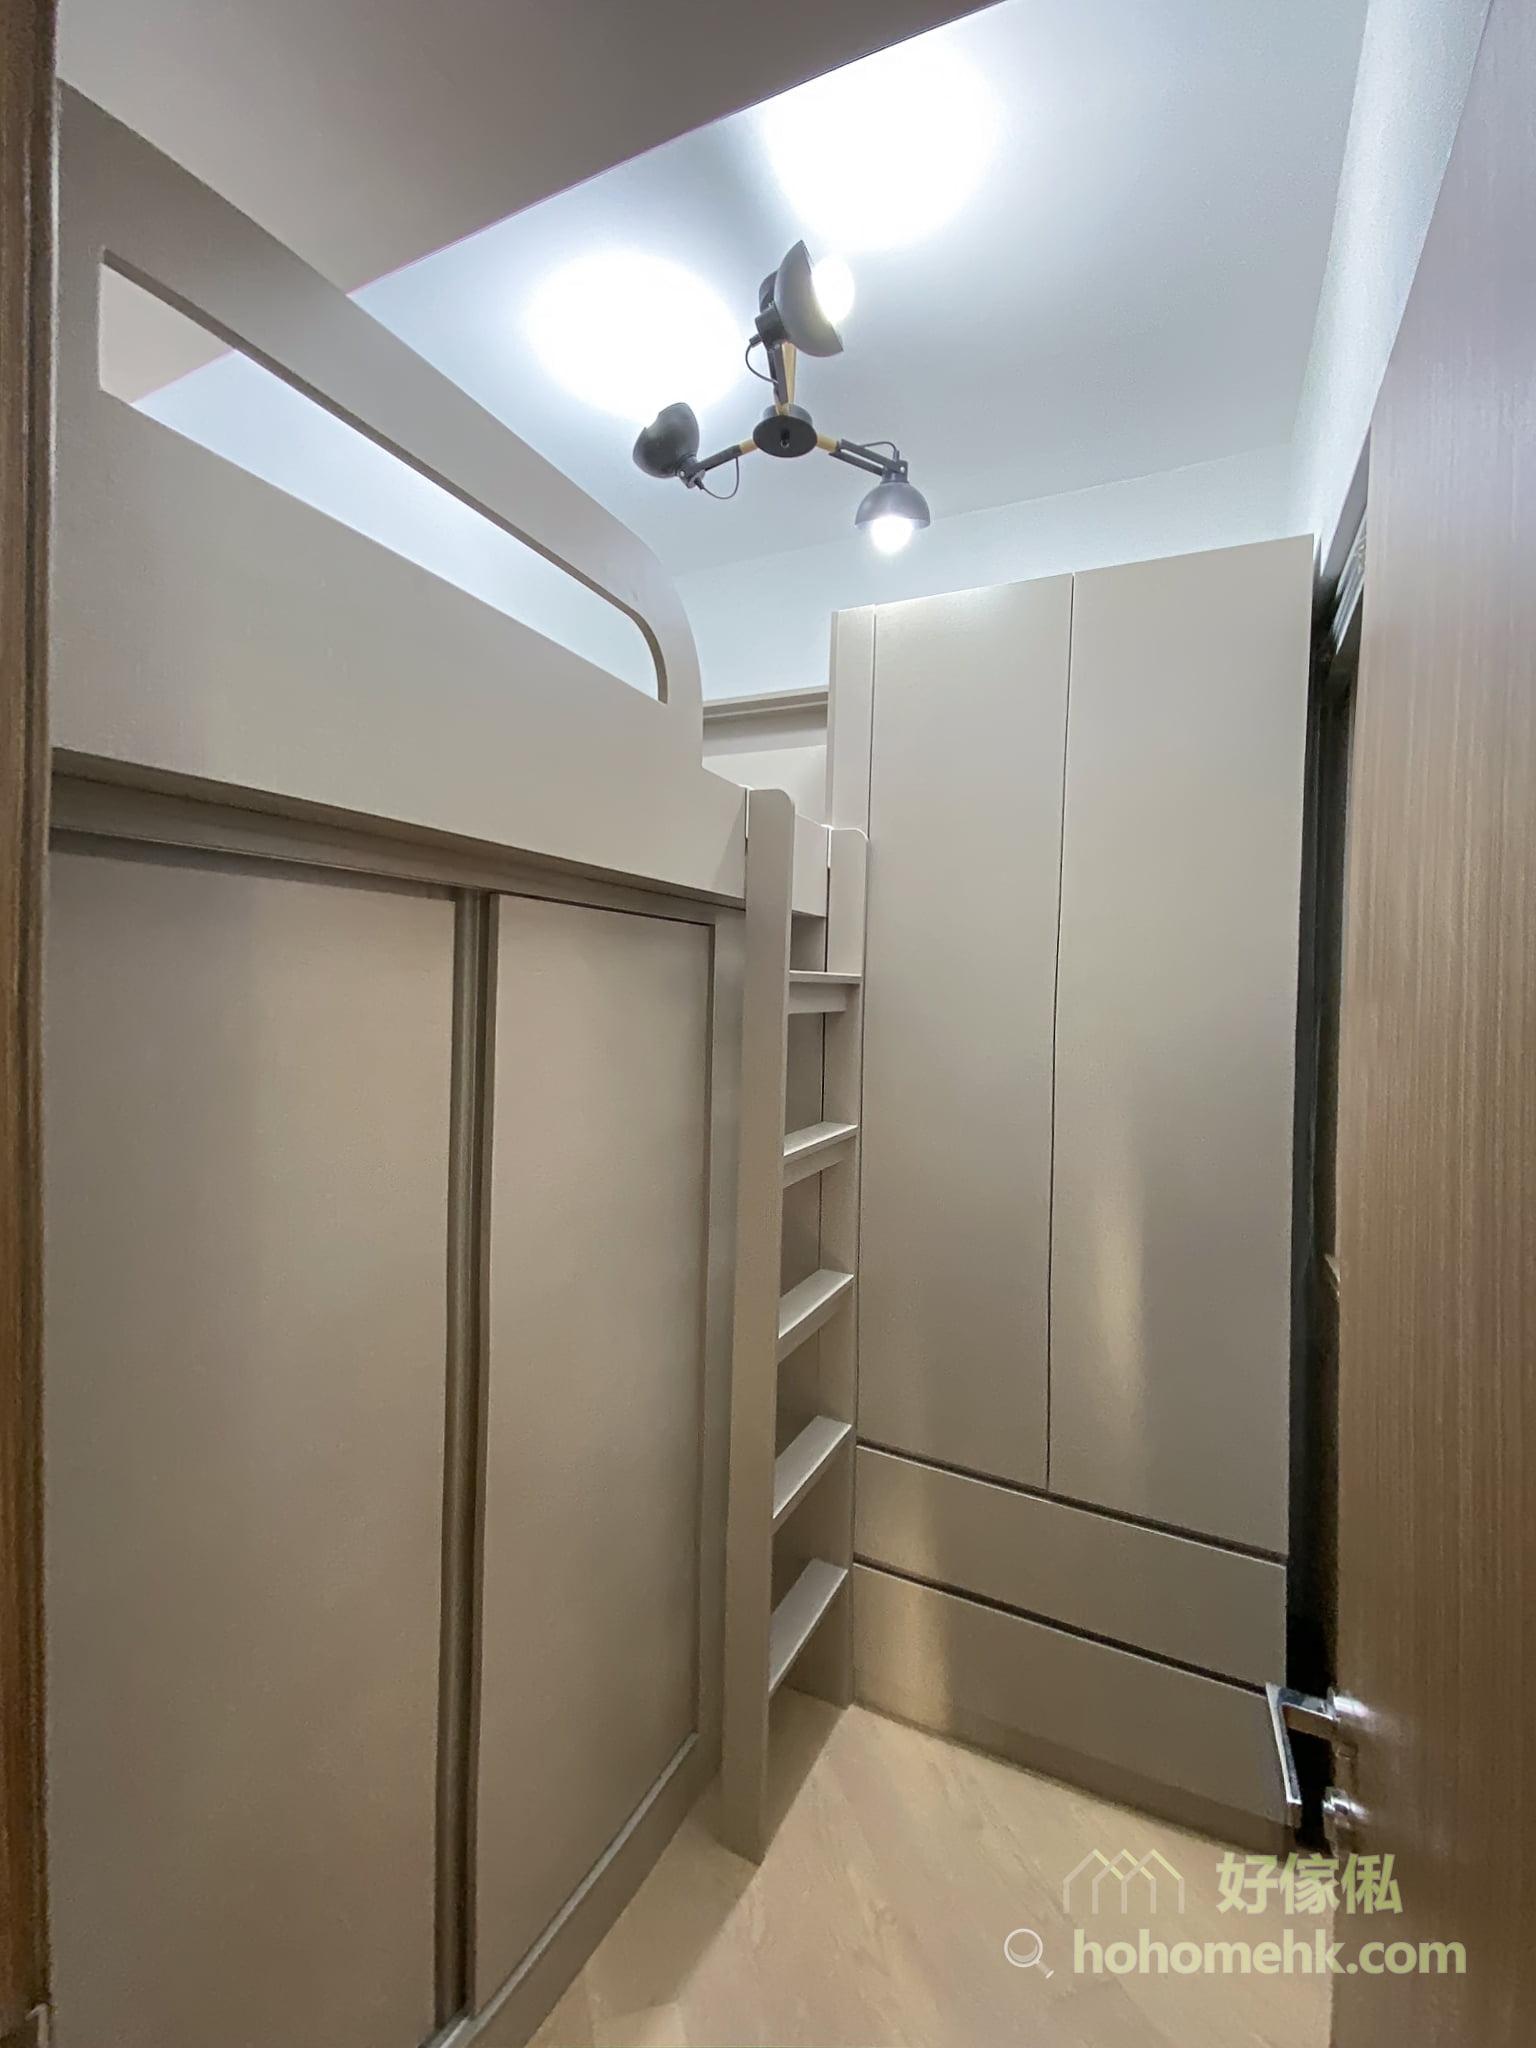 組合床設計 - 上床下衣櫃